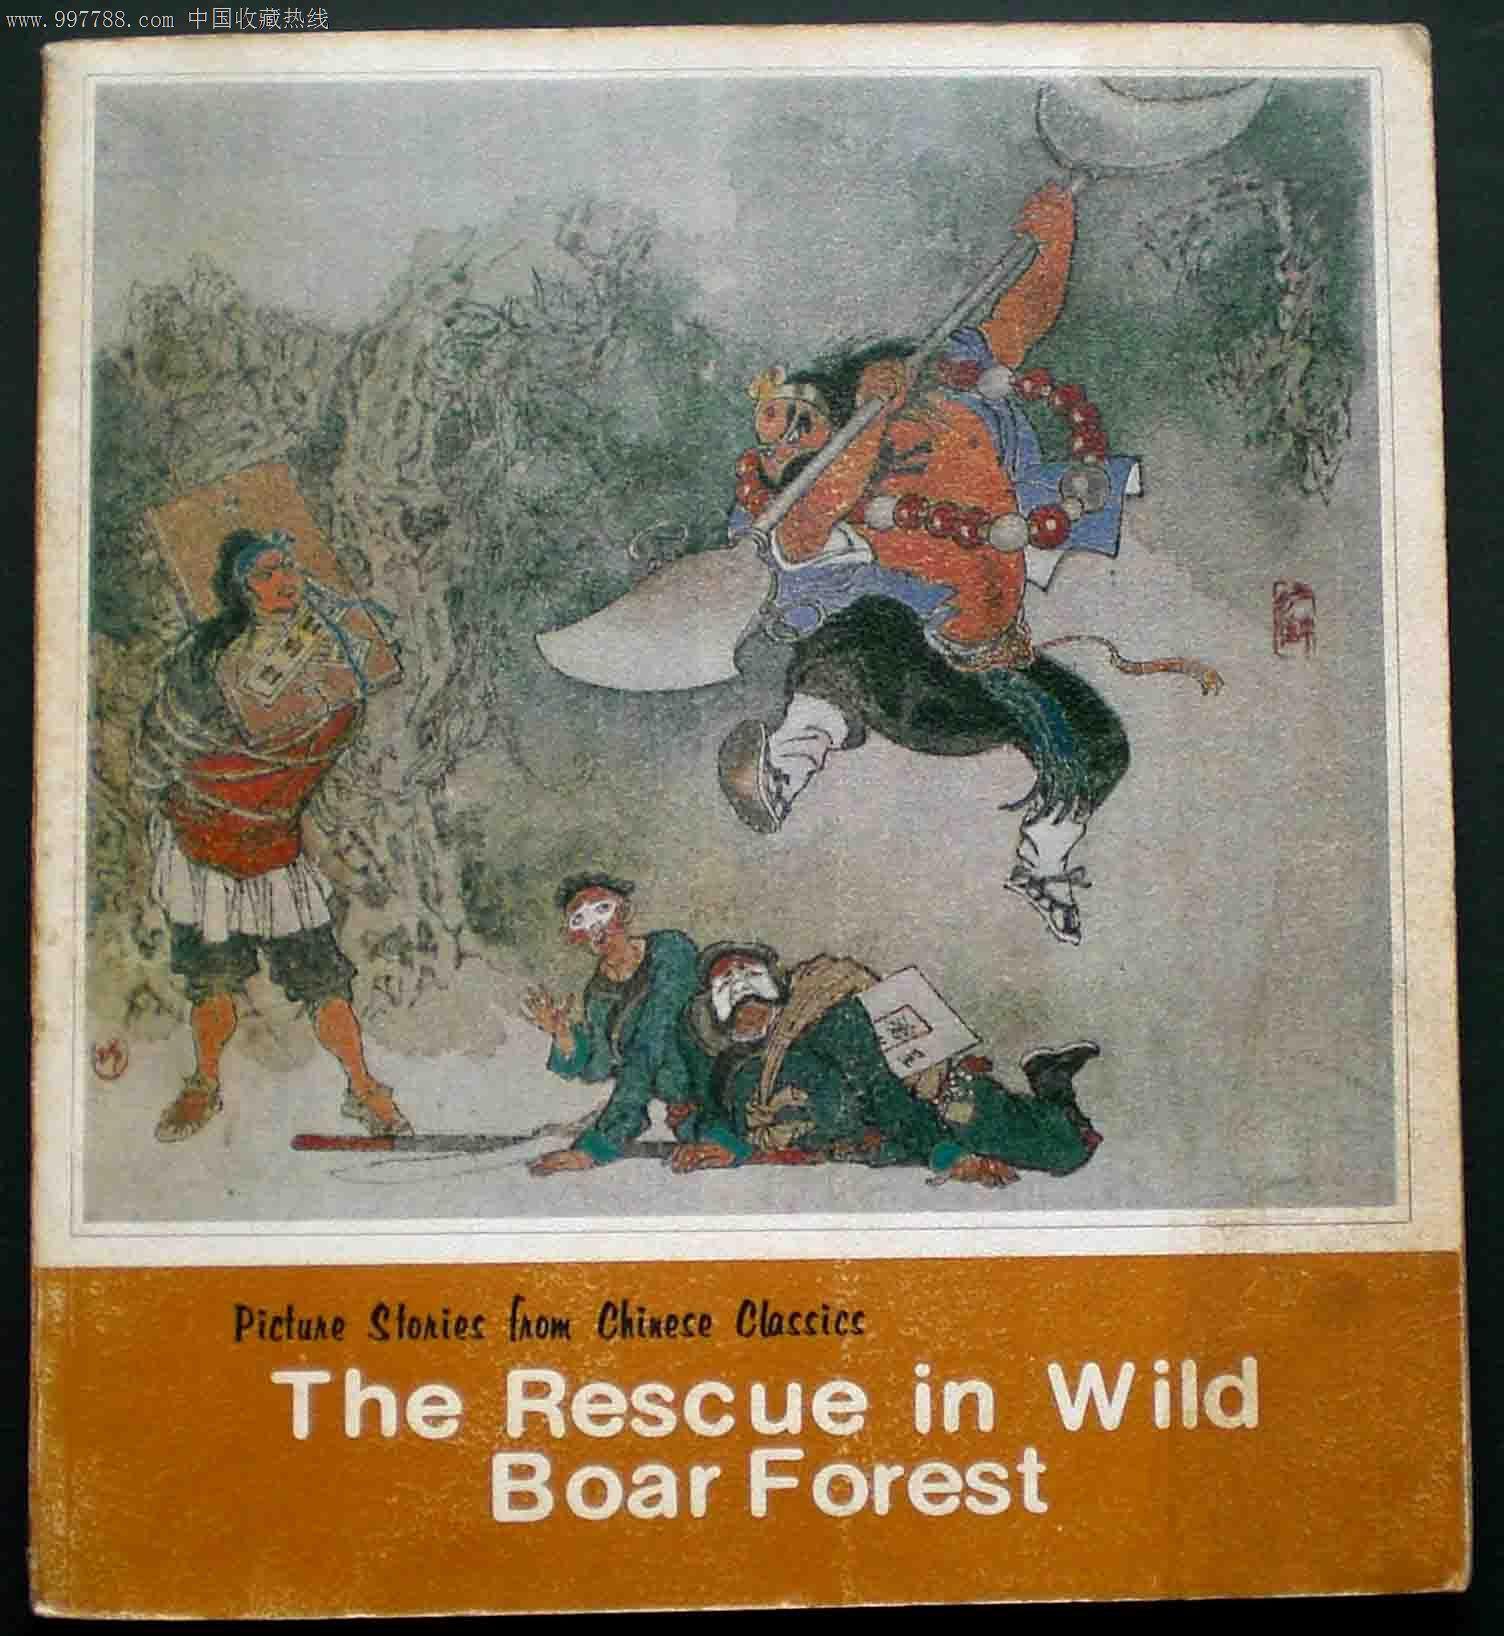 野猪林---戴敦邦绘画_国画画册_嘉陵书屋【7788收藏